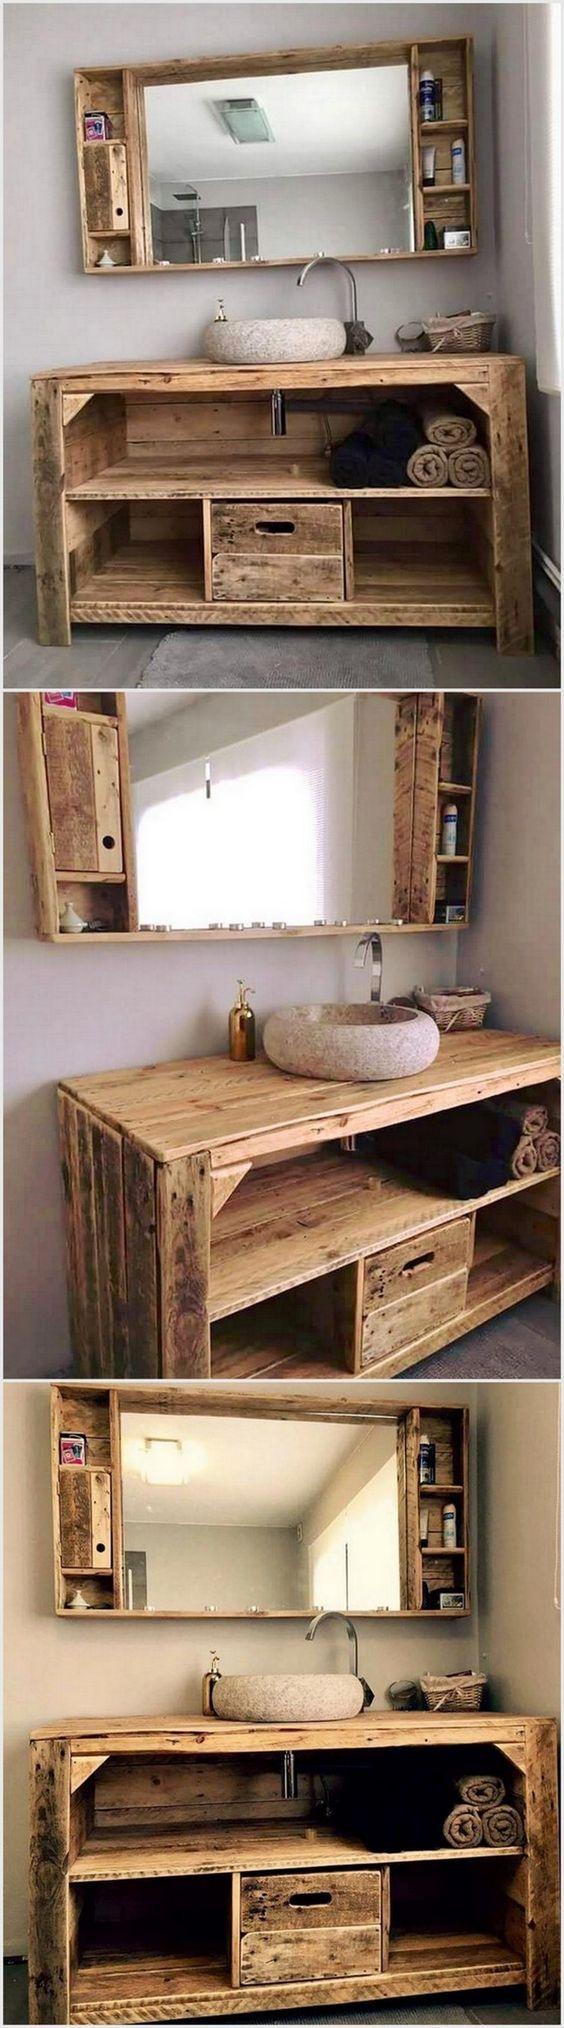 Mueble de ba o r stico aseos y ba os pinterest - Muebles de banos rusticos ...